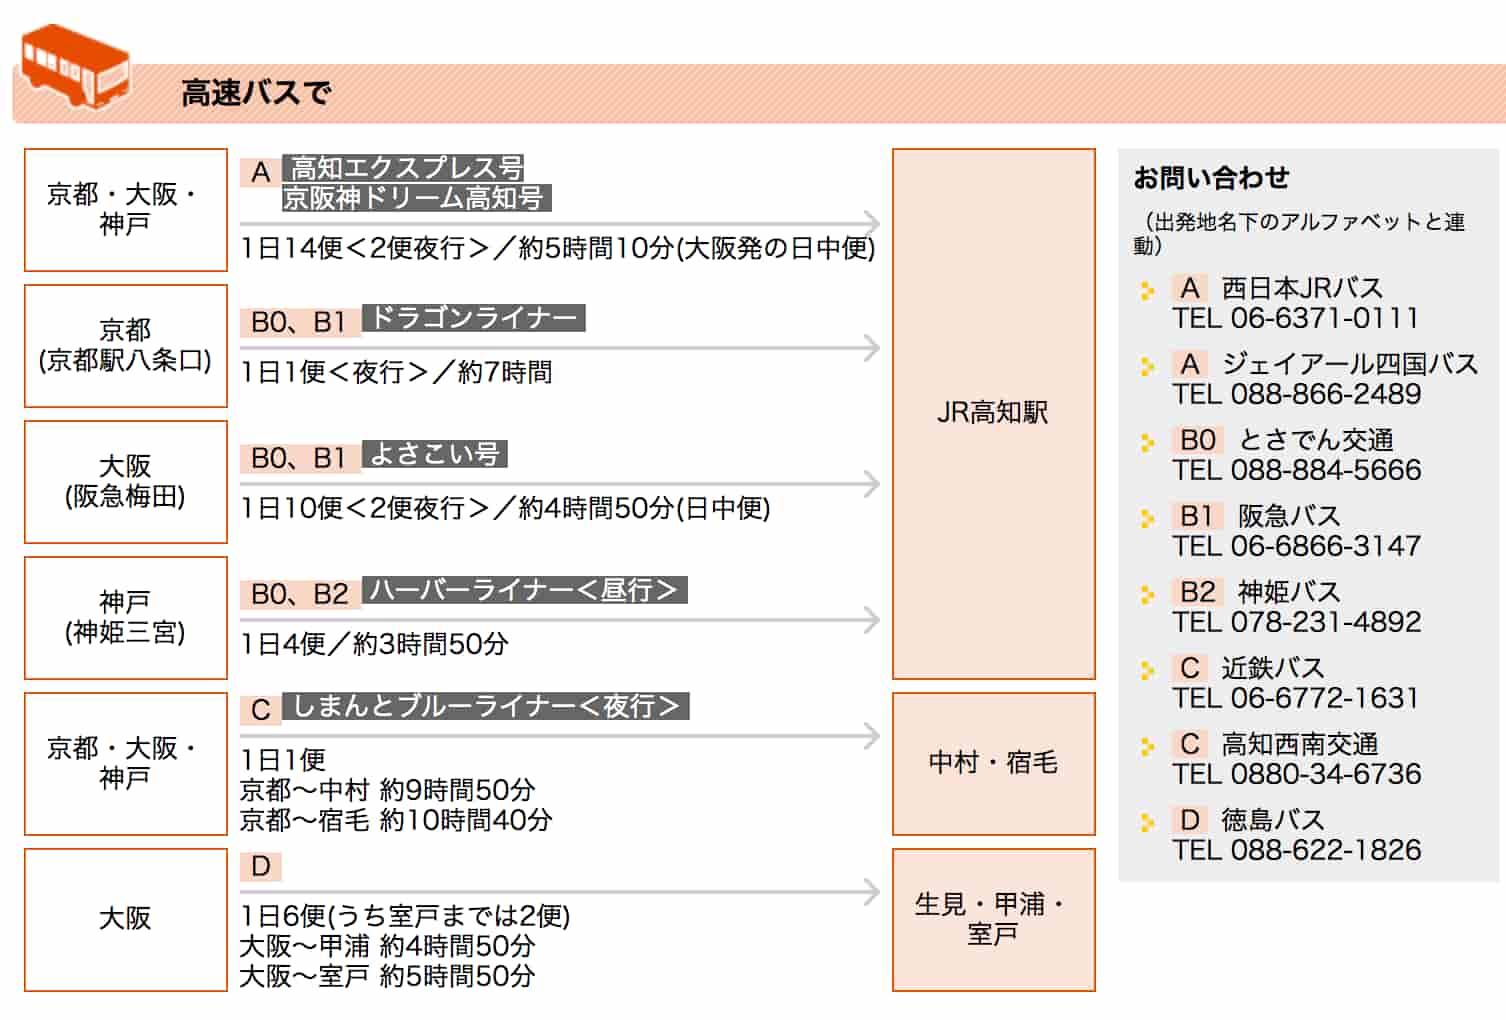 - 交通-高知県の観光情報ガイド「よさこいネット」 -より引用